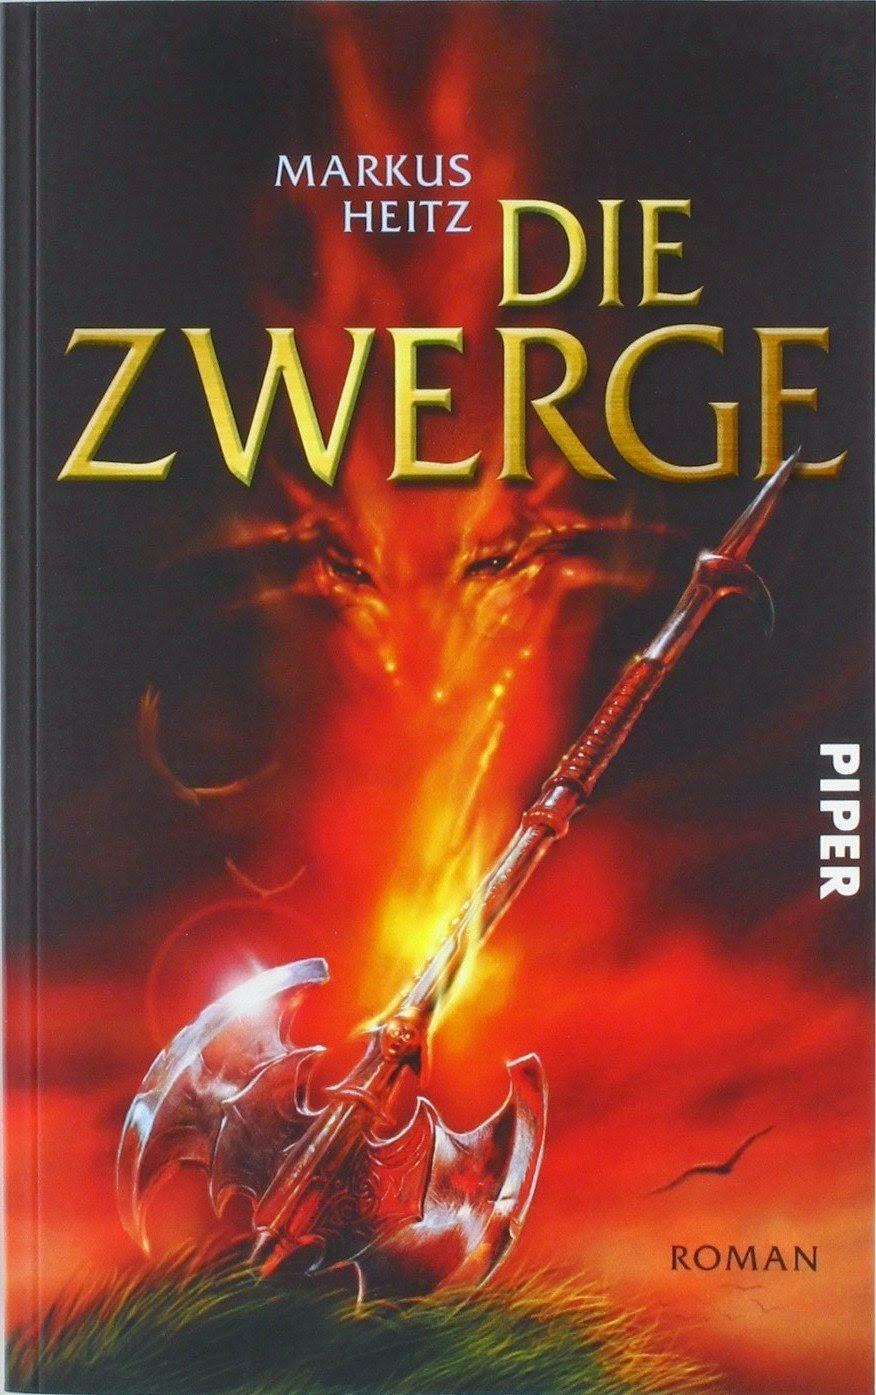 http://www.piper.de/buecher/die-zwerge-isbn-978-3-492-70076-4